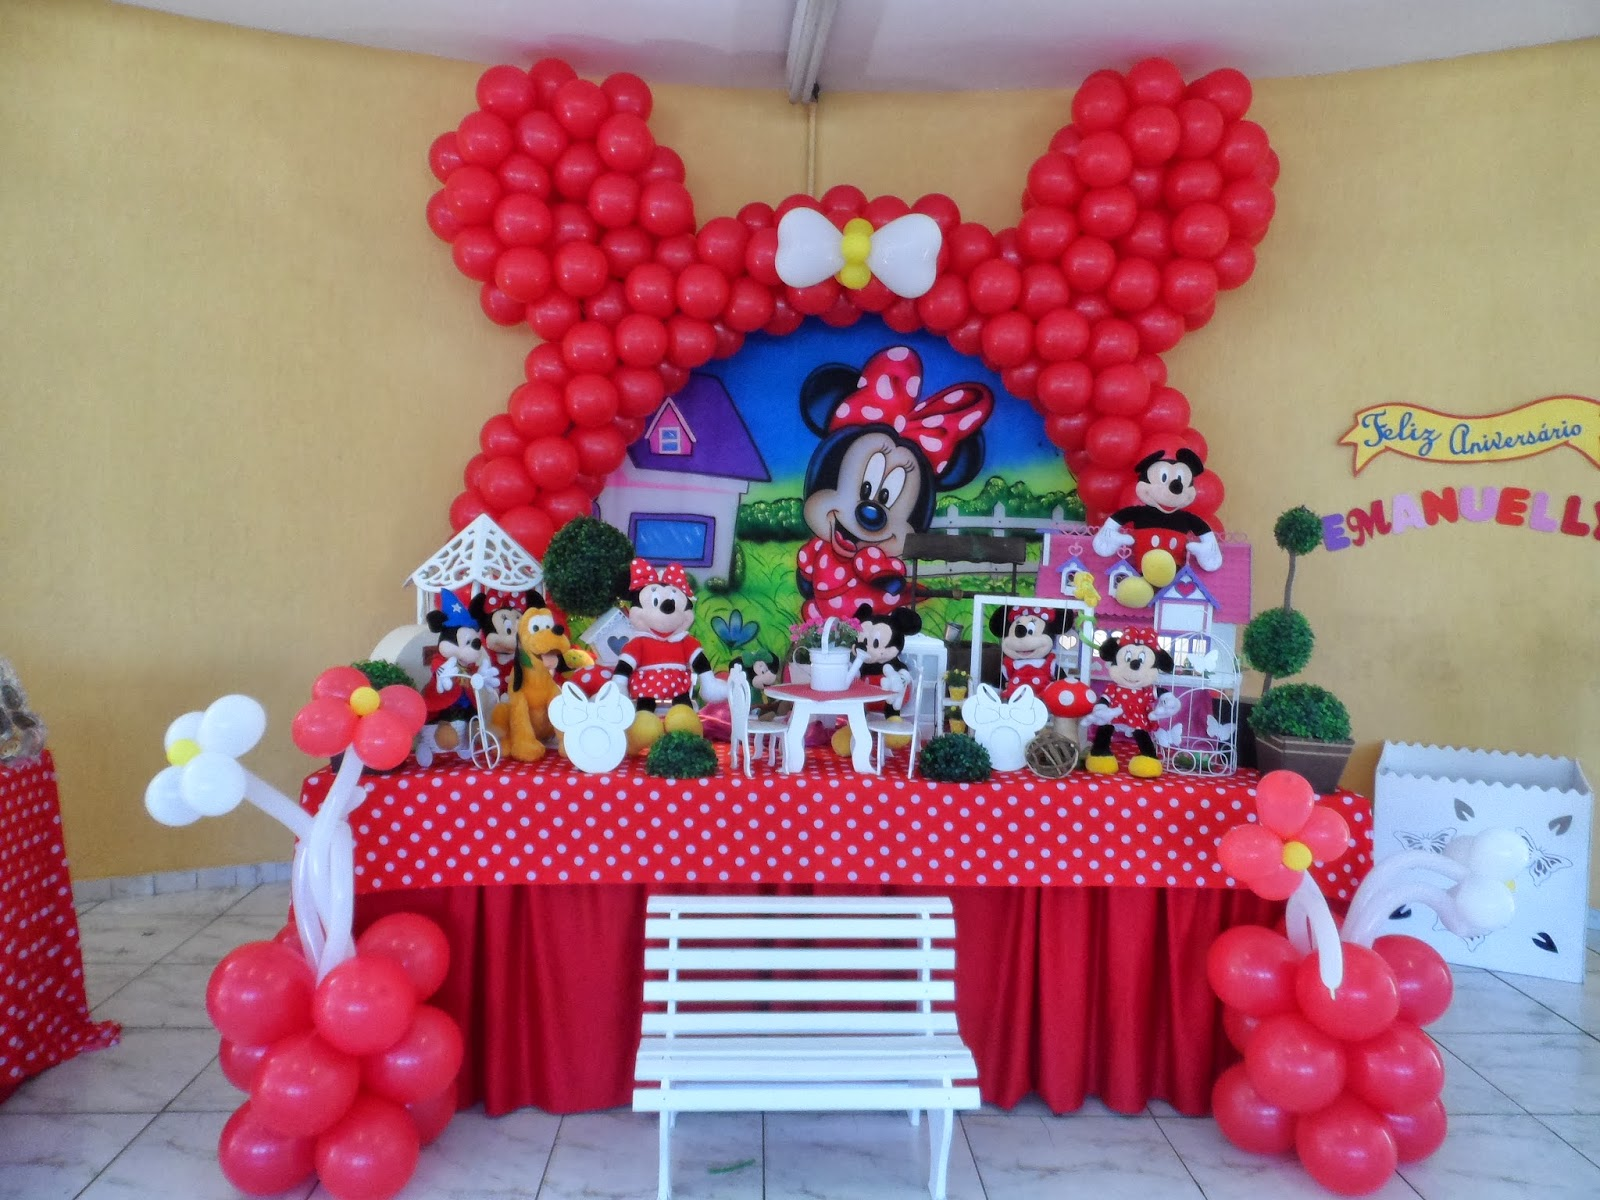 Decorações de Festas Infantis MINNIE VERMELHA COM ARCO DE ORELHA